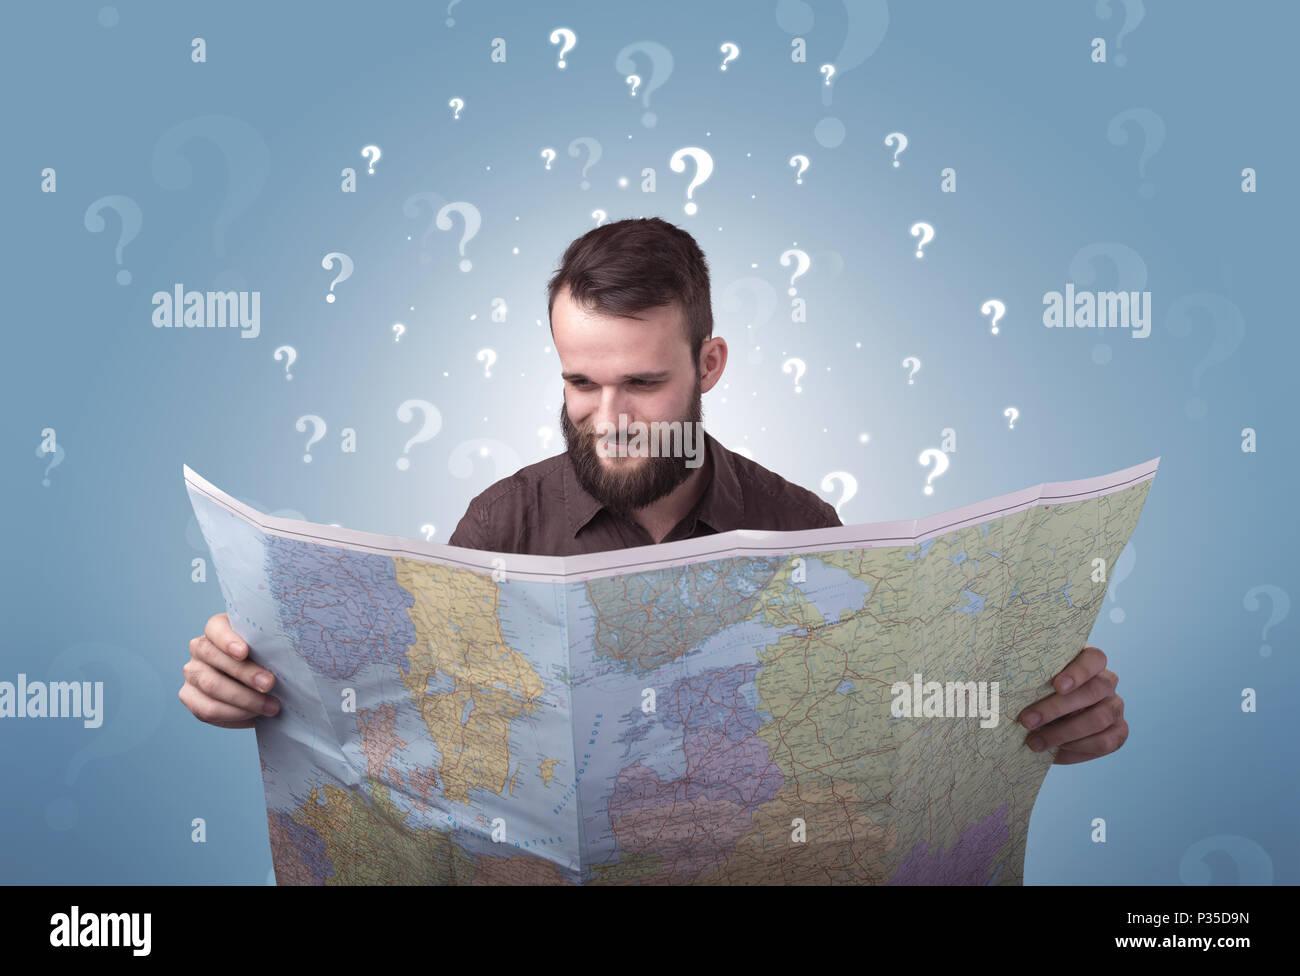 Apuesto joven sosteniendo un mapa con signos de interrogación blanco por encima de su cabeza Imagen De Stock